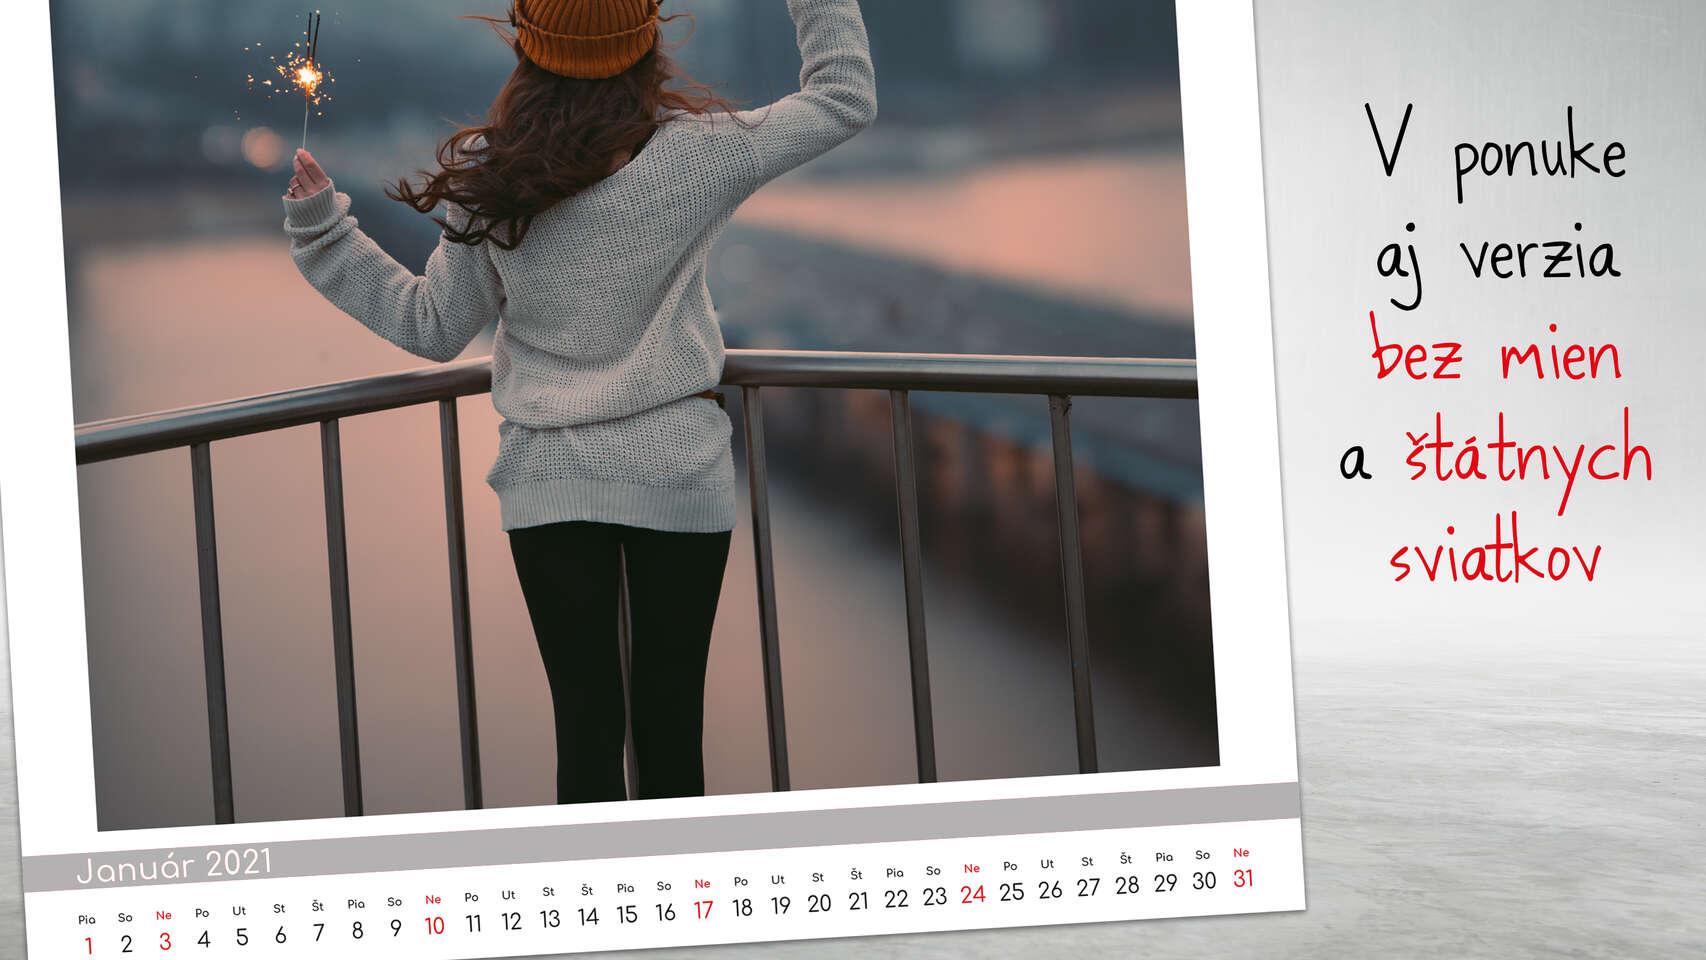 Nástenný kalendár s vlastnými fotografiami so sviatkami a menami ...